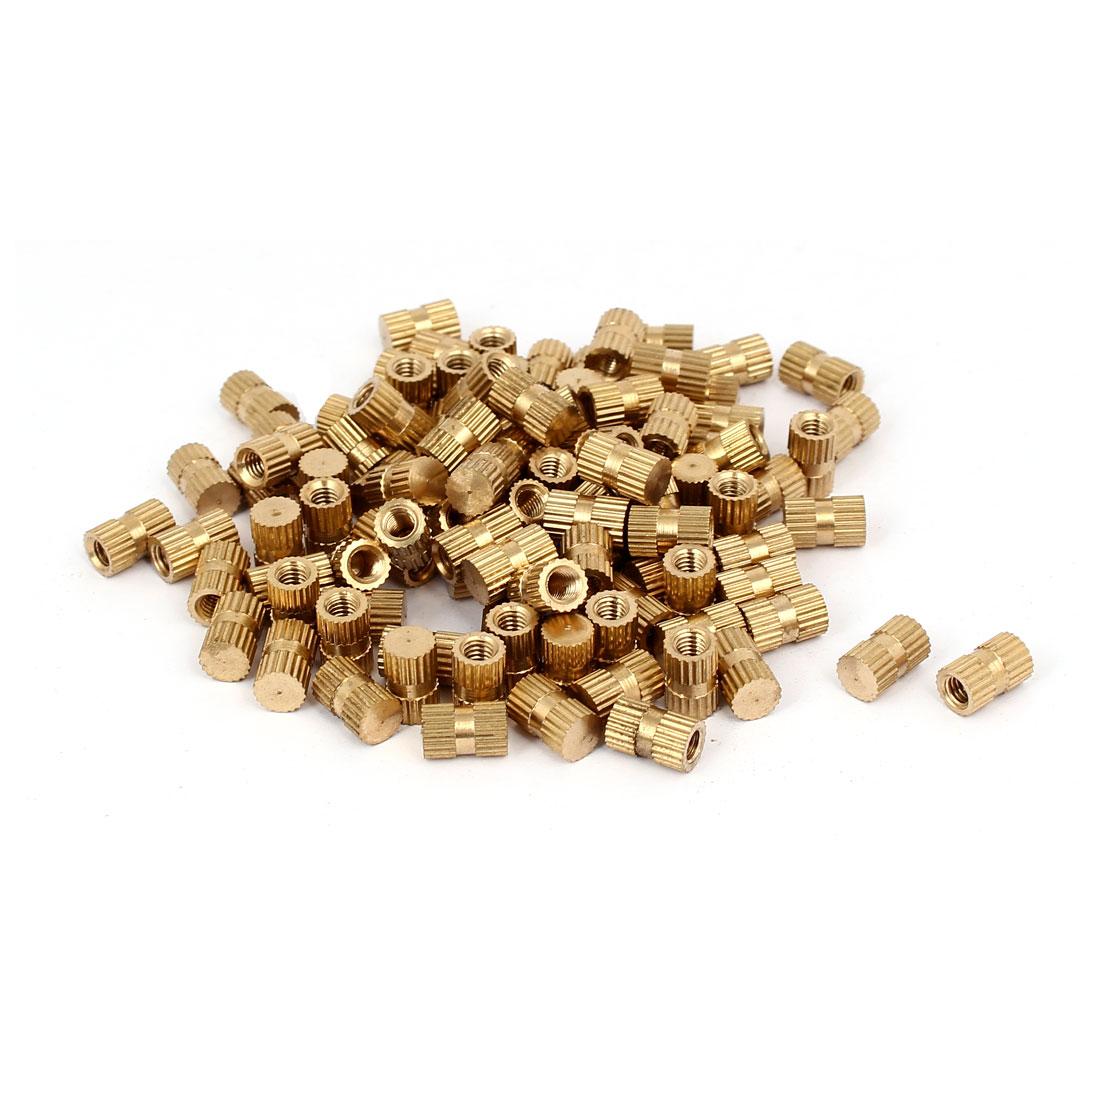 M4 x 10mm 6.3mm OD Brass Threaded Insert Embedded Knurled Thumb Nut 100PCS